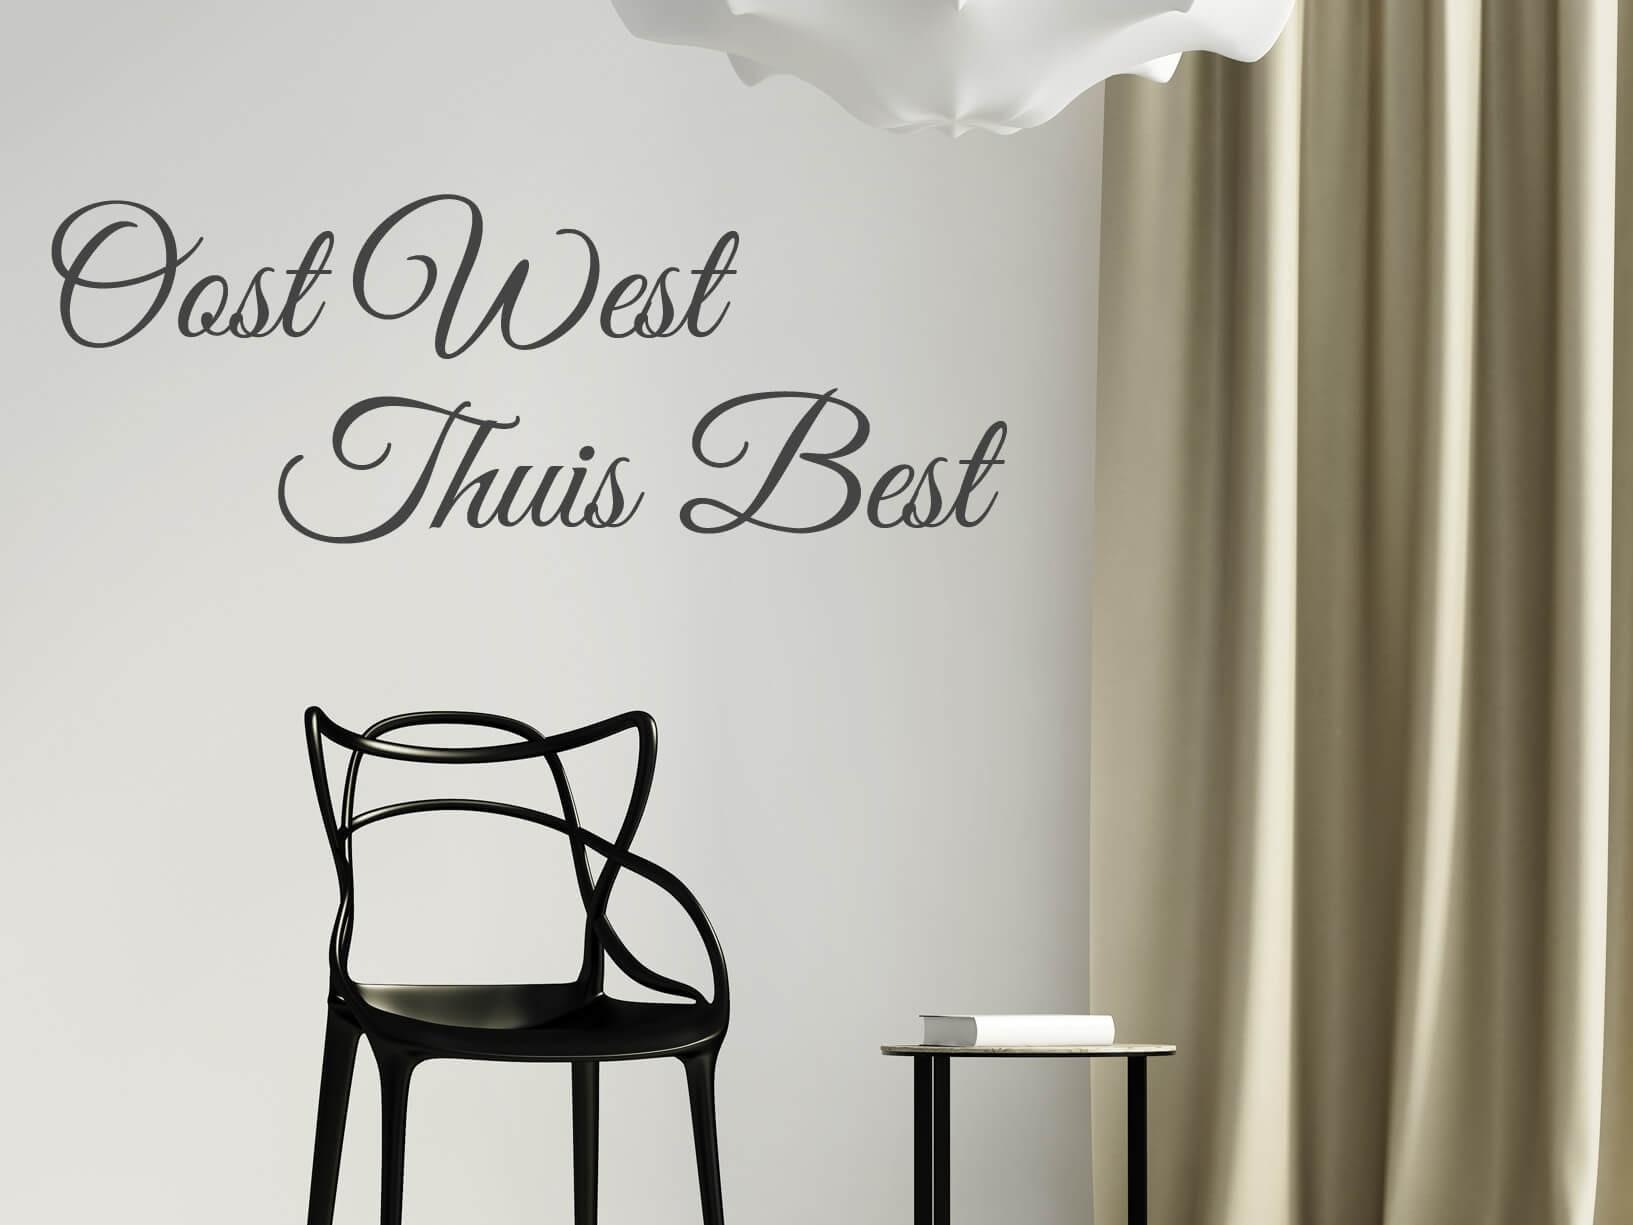 goedkope muurstickers en muurteksten van topkwaliteit kopen?, Deco ideeën